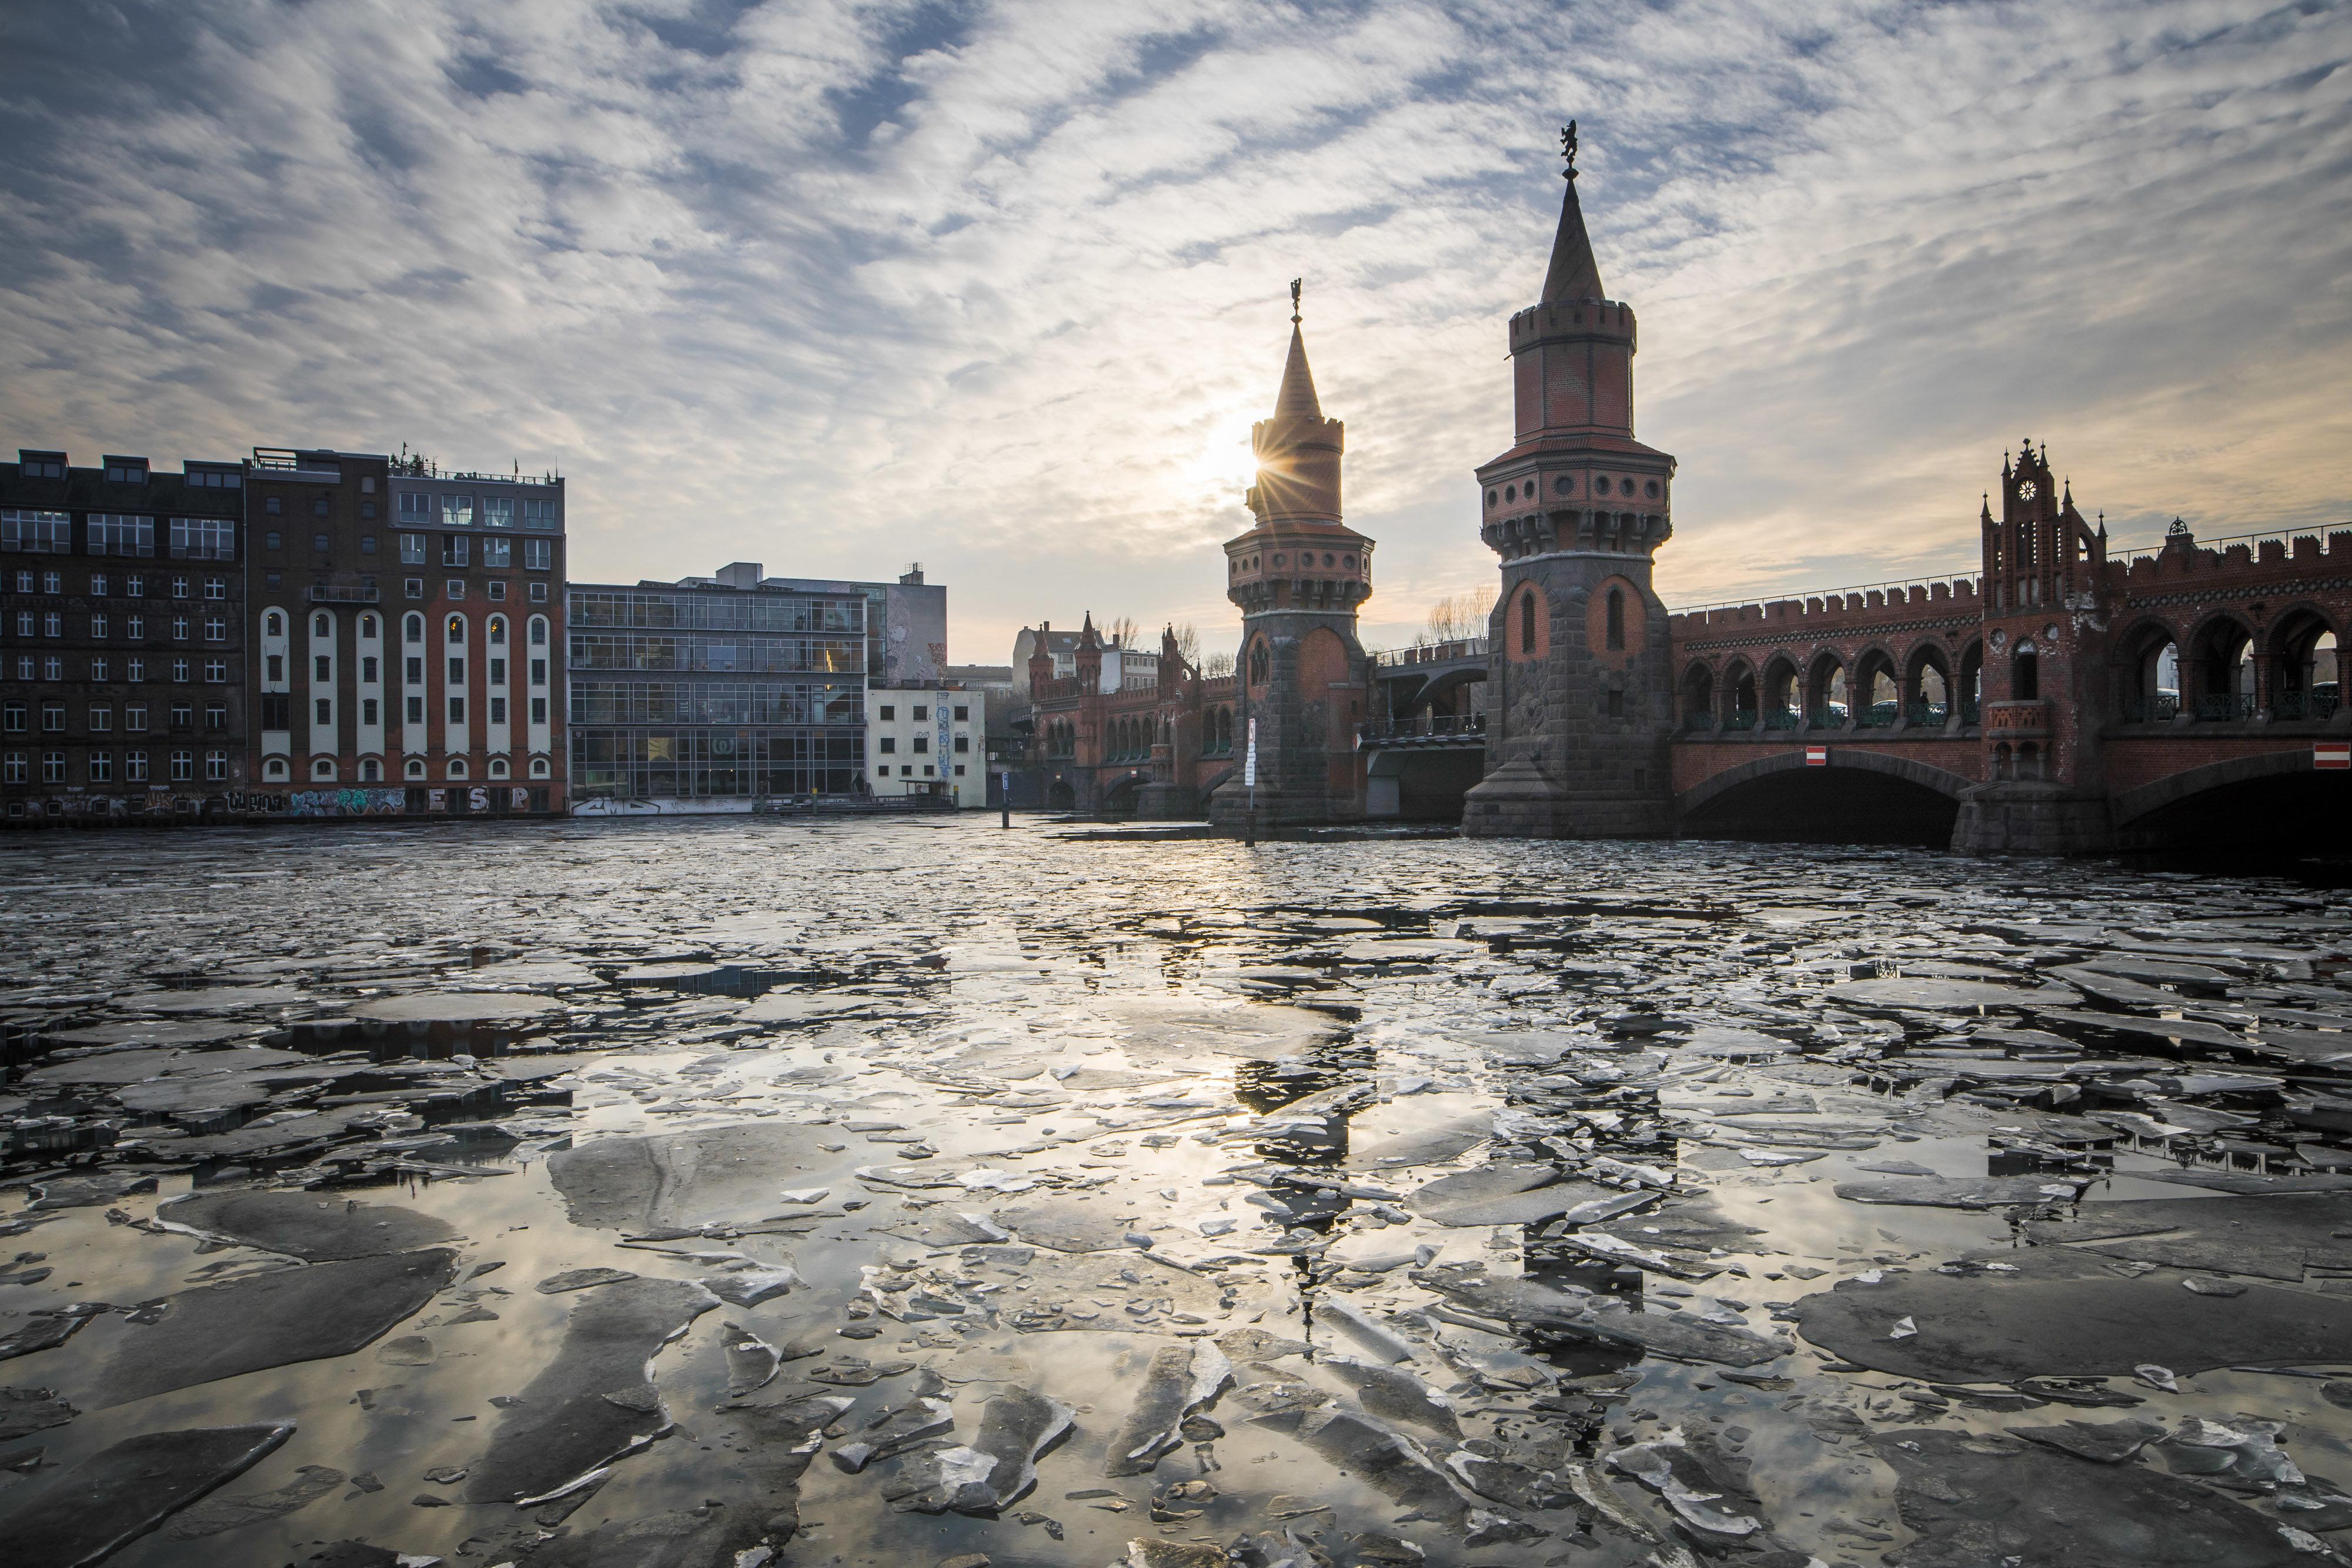 Wetter-Phänomen El Niño: So könnte der Winter in Deutschland werden